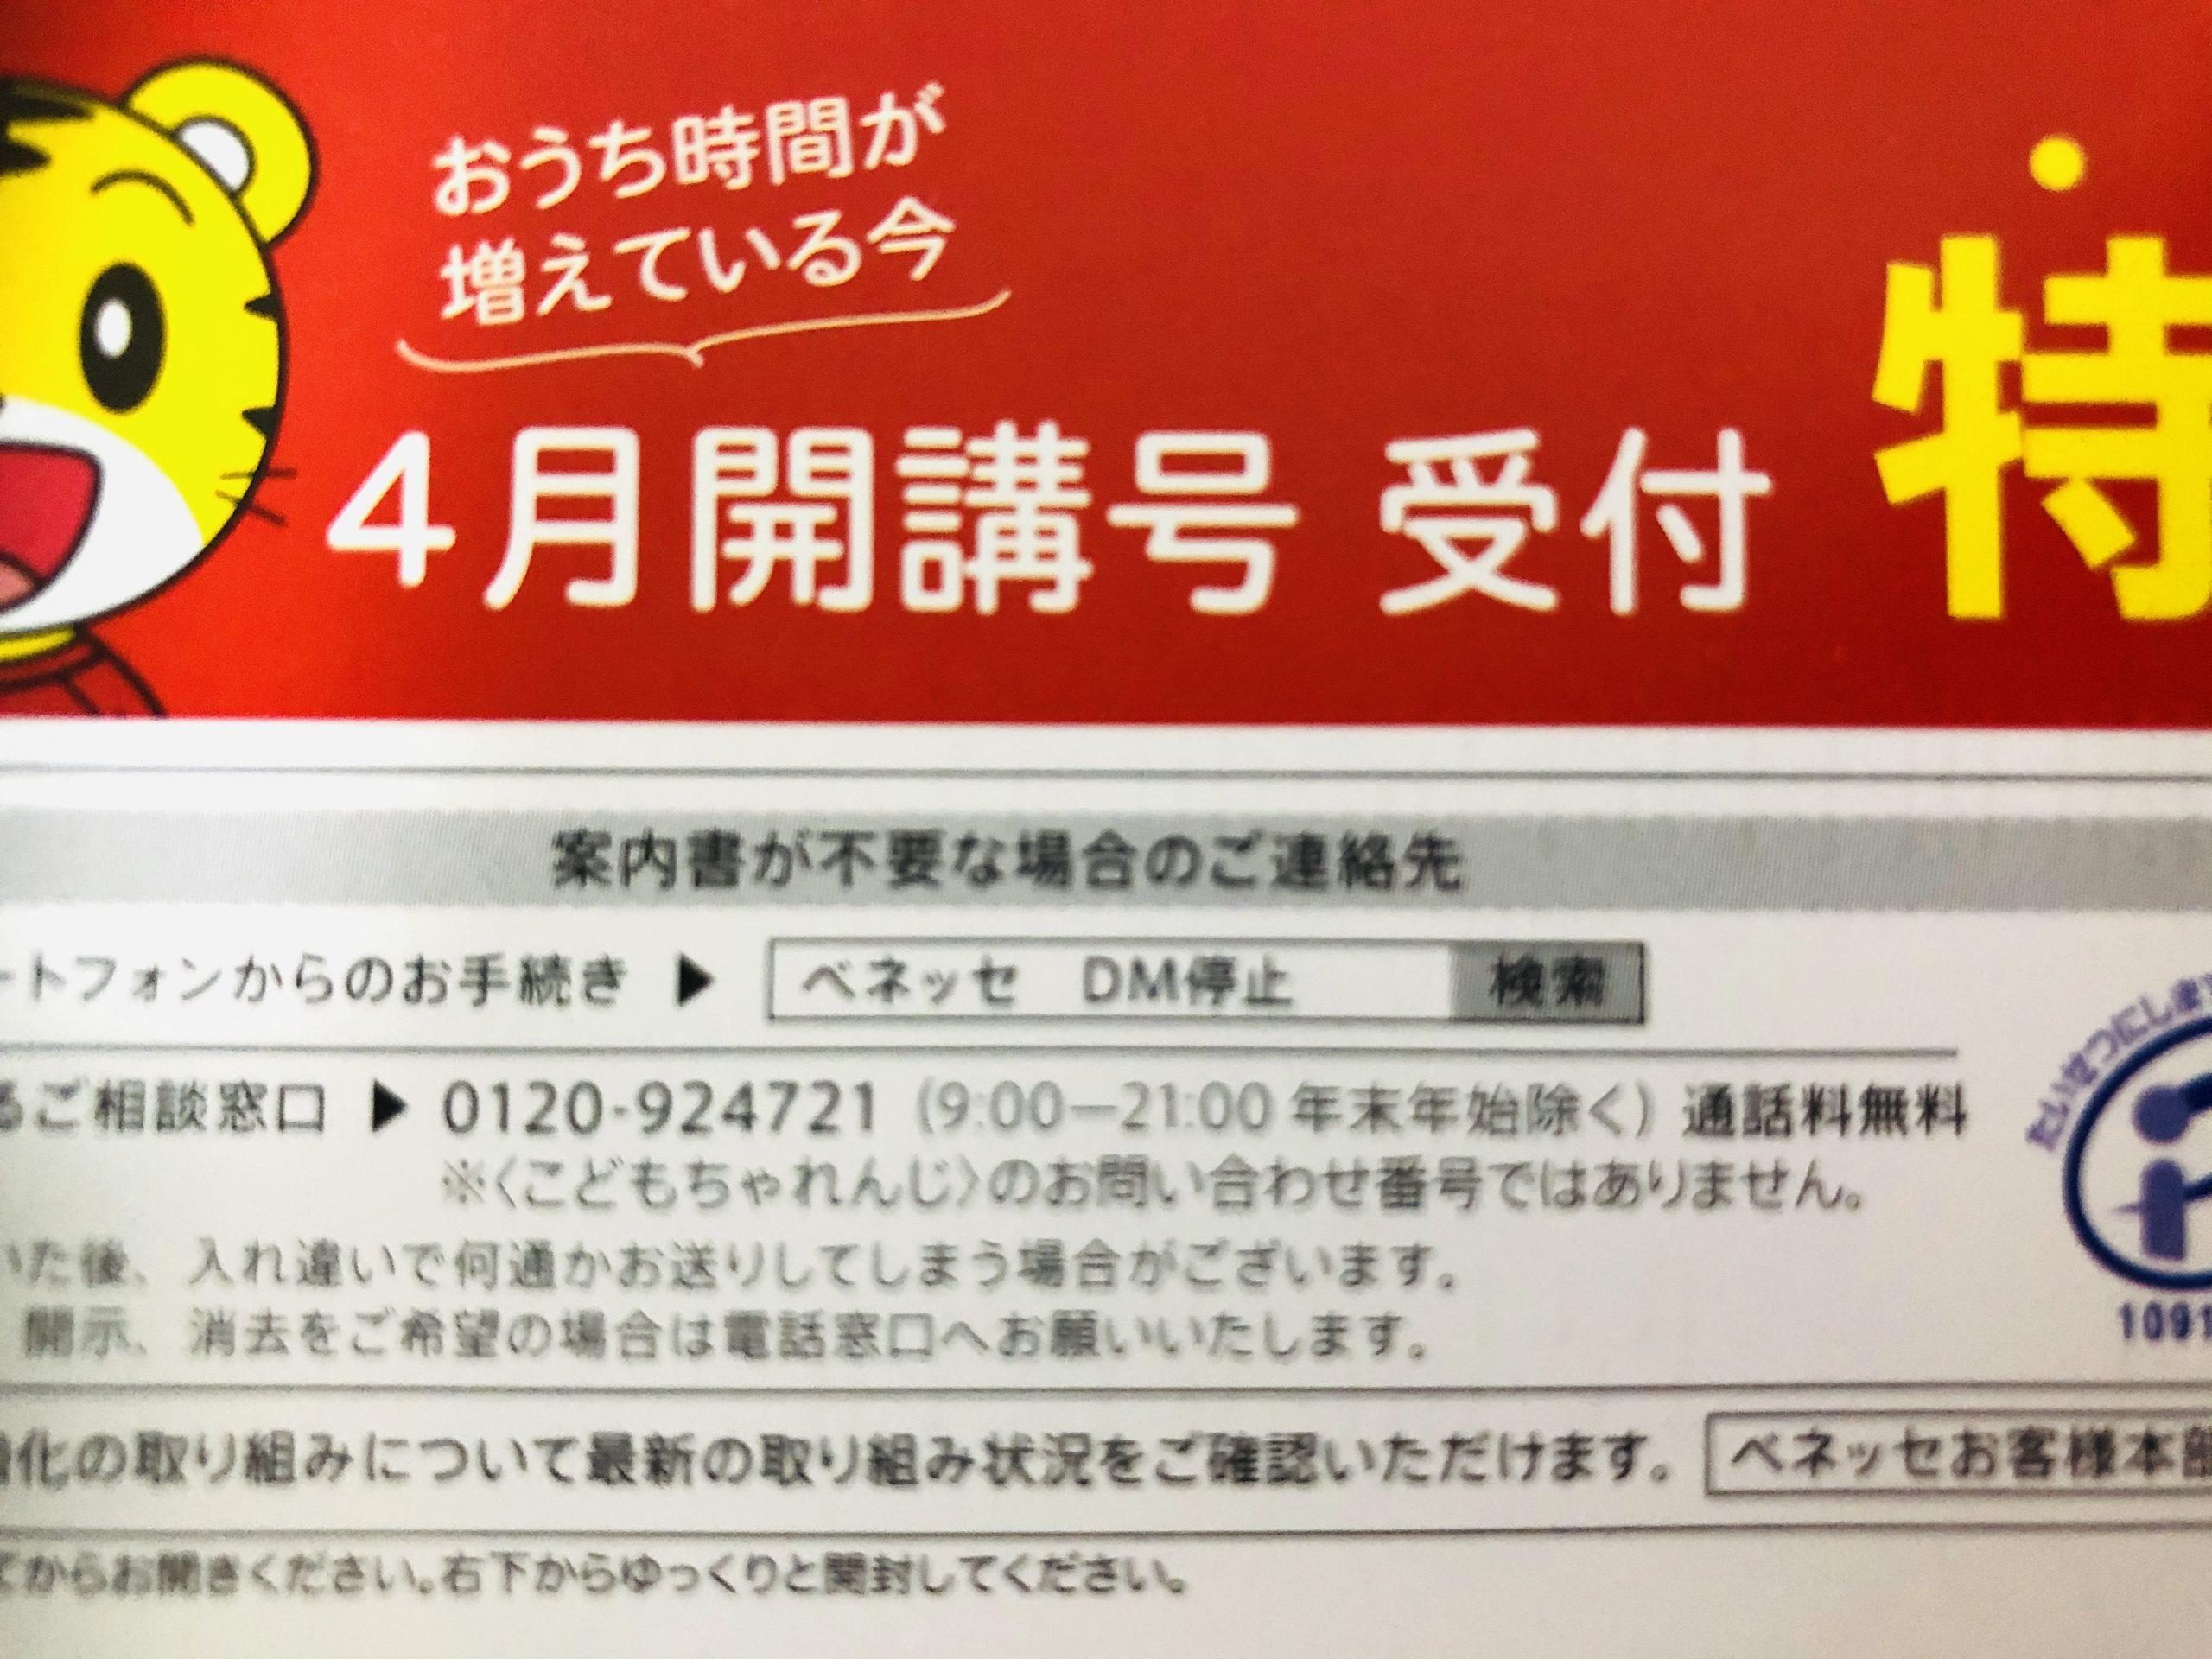 停止 ベネッセ dm 【ベネッセ DM